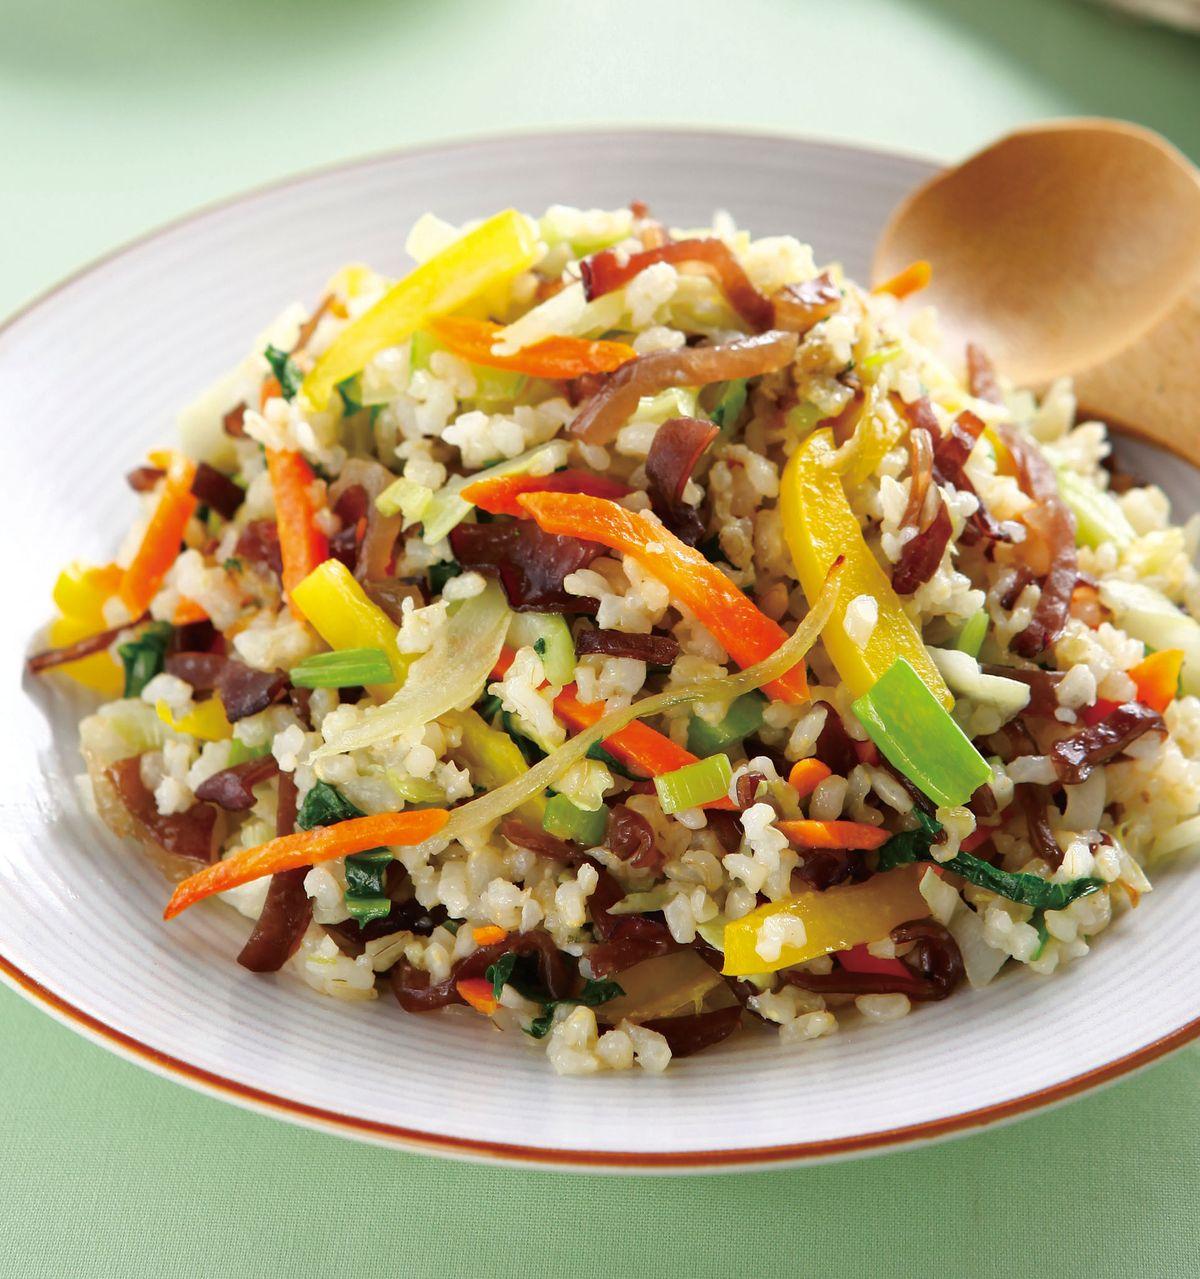 食譜:炒糙米什錦蔬菜